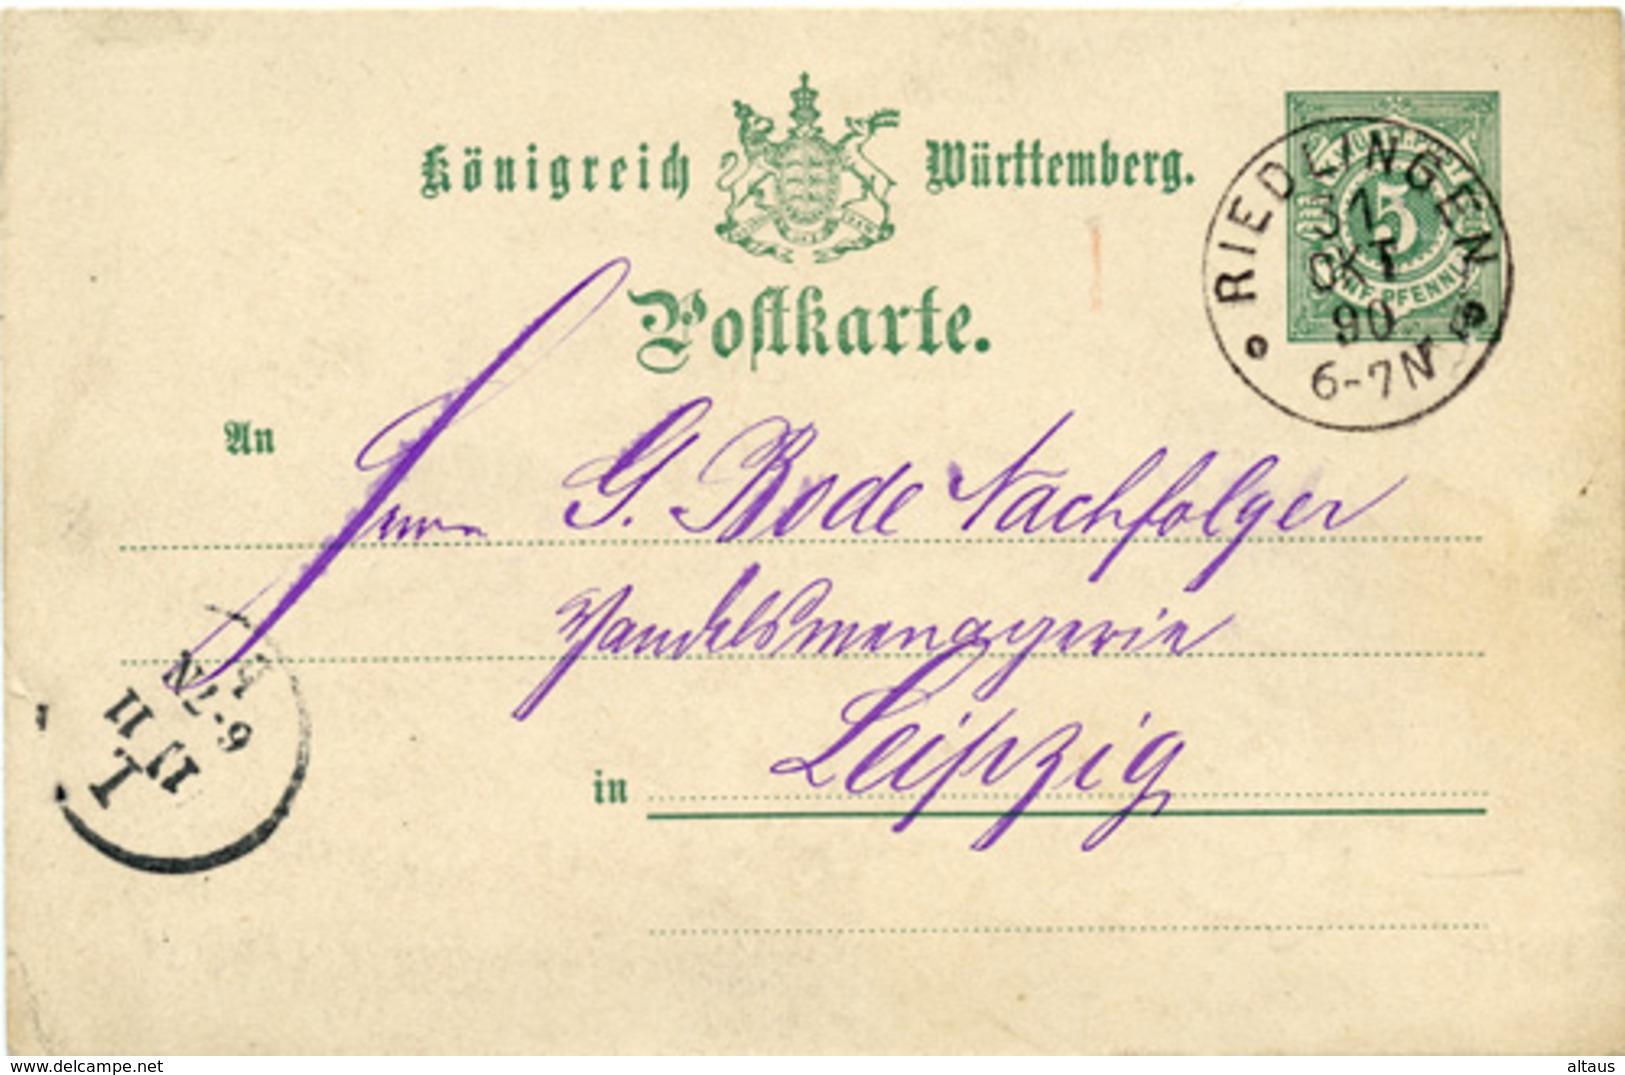 (Lo1220) Altdeutschland Ganzs. Württemberg St. Riedlingen N. Leipzig - Deutschland